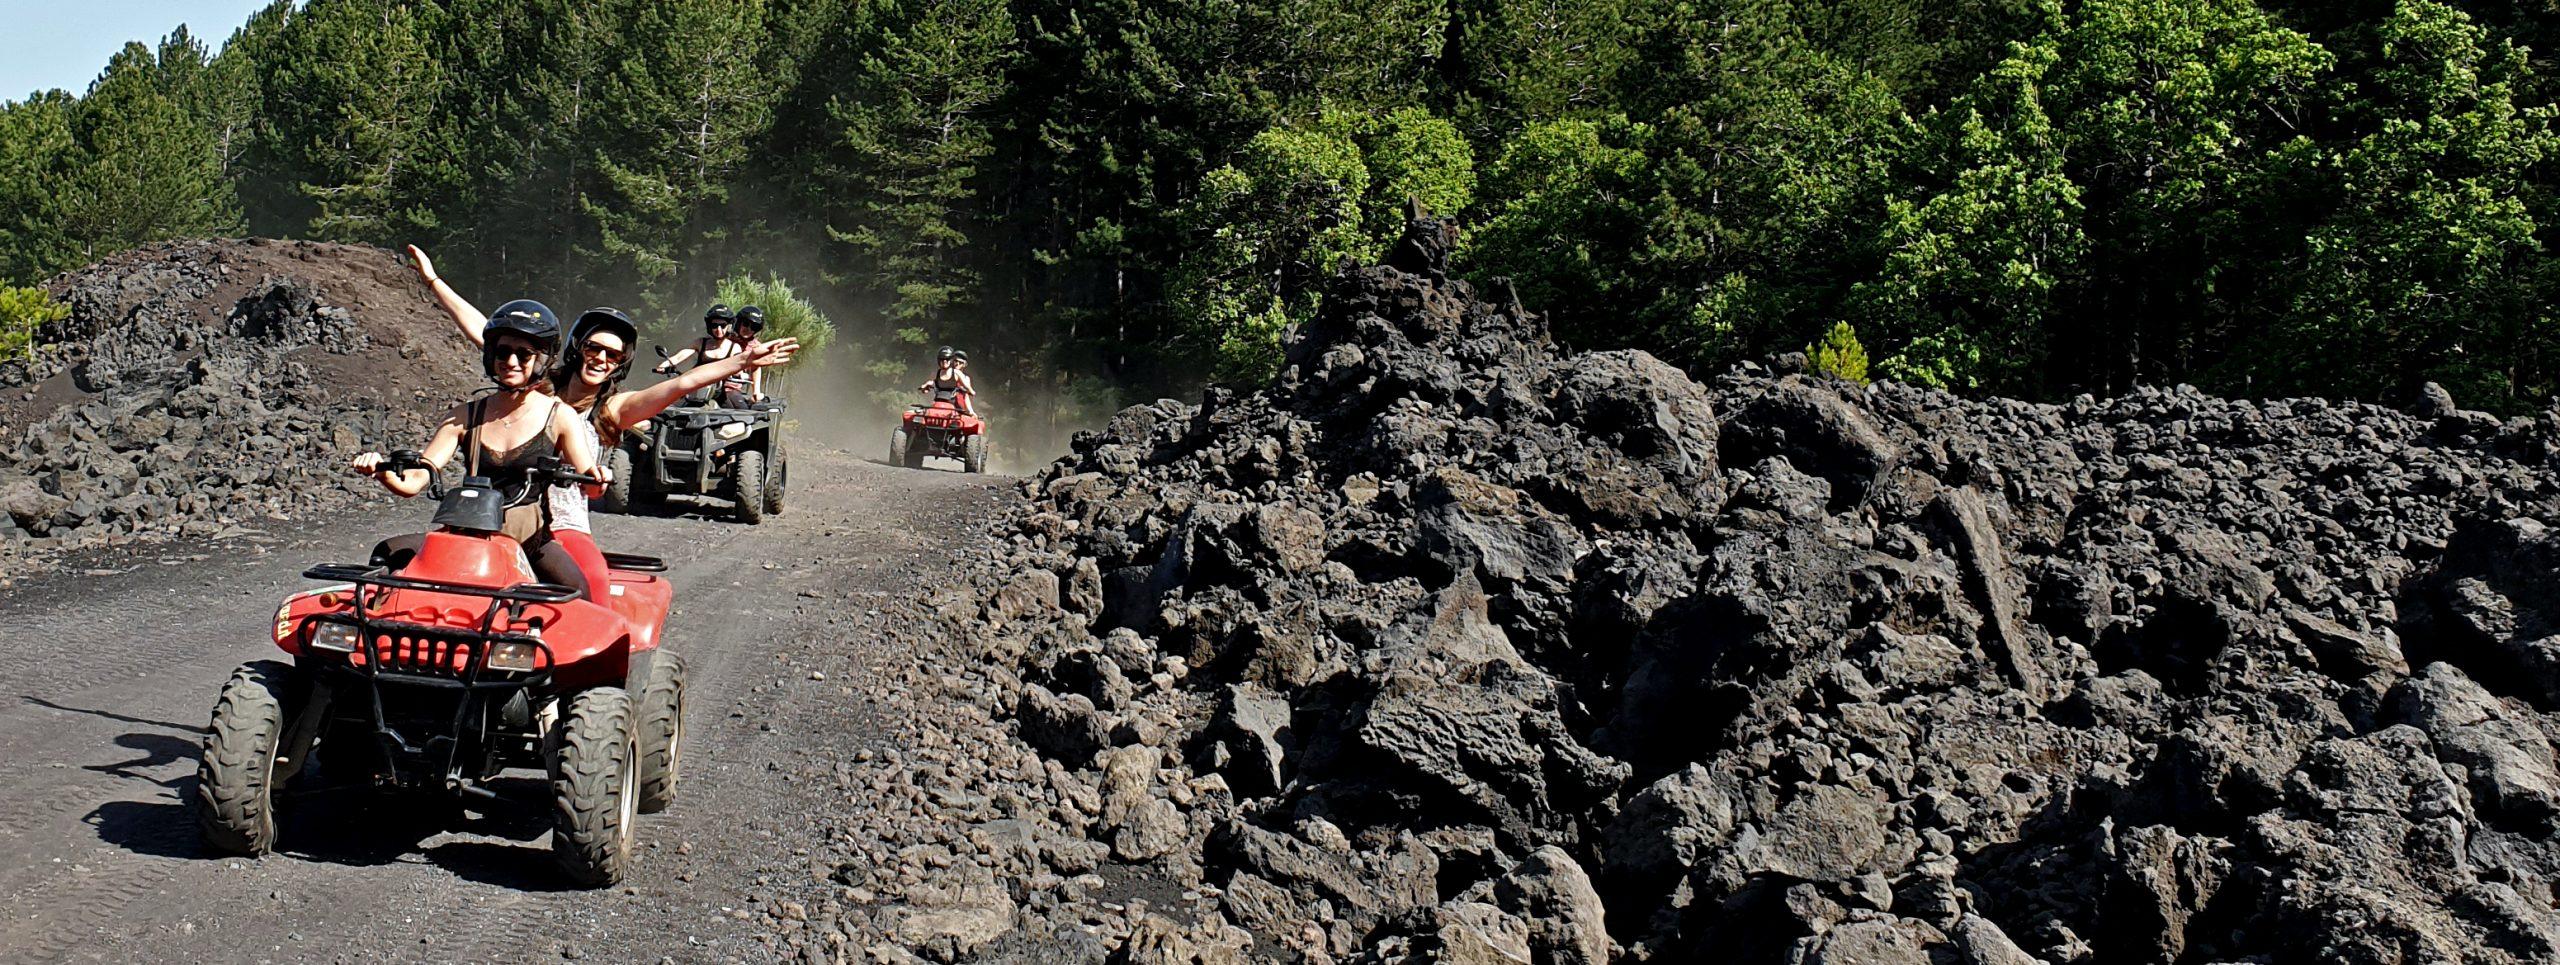 etna quad excursion lava 2002